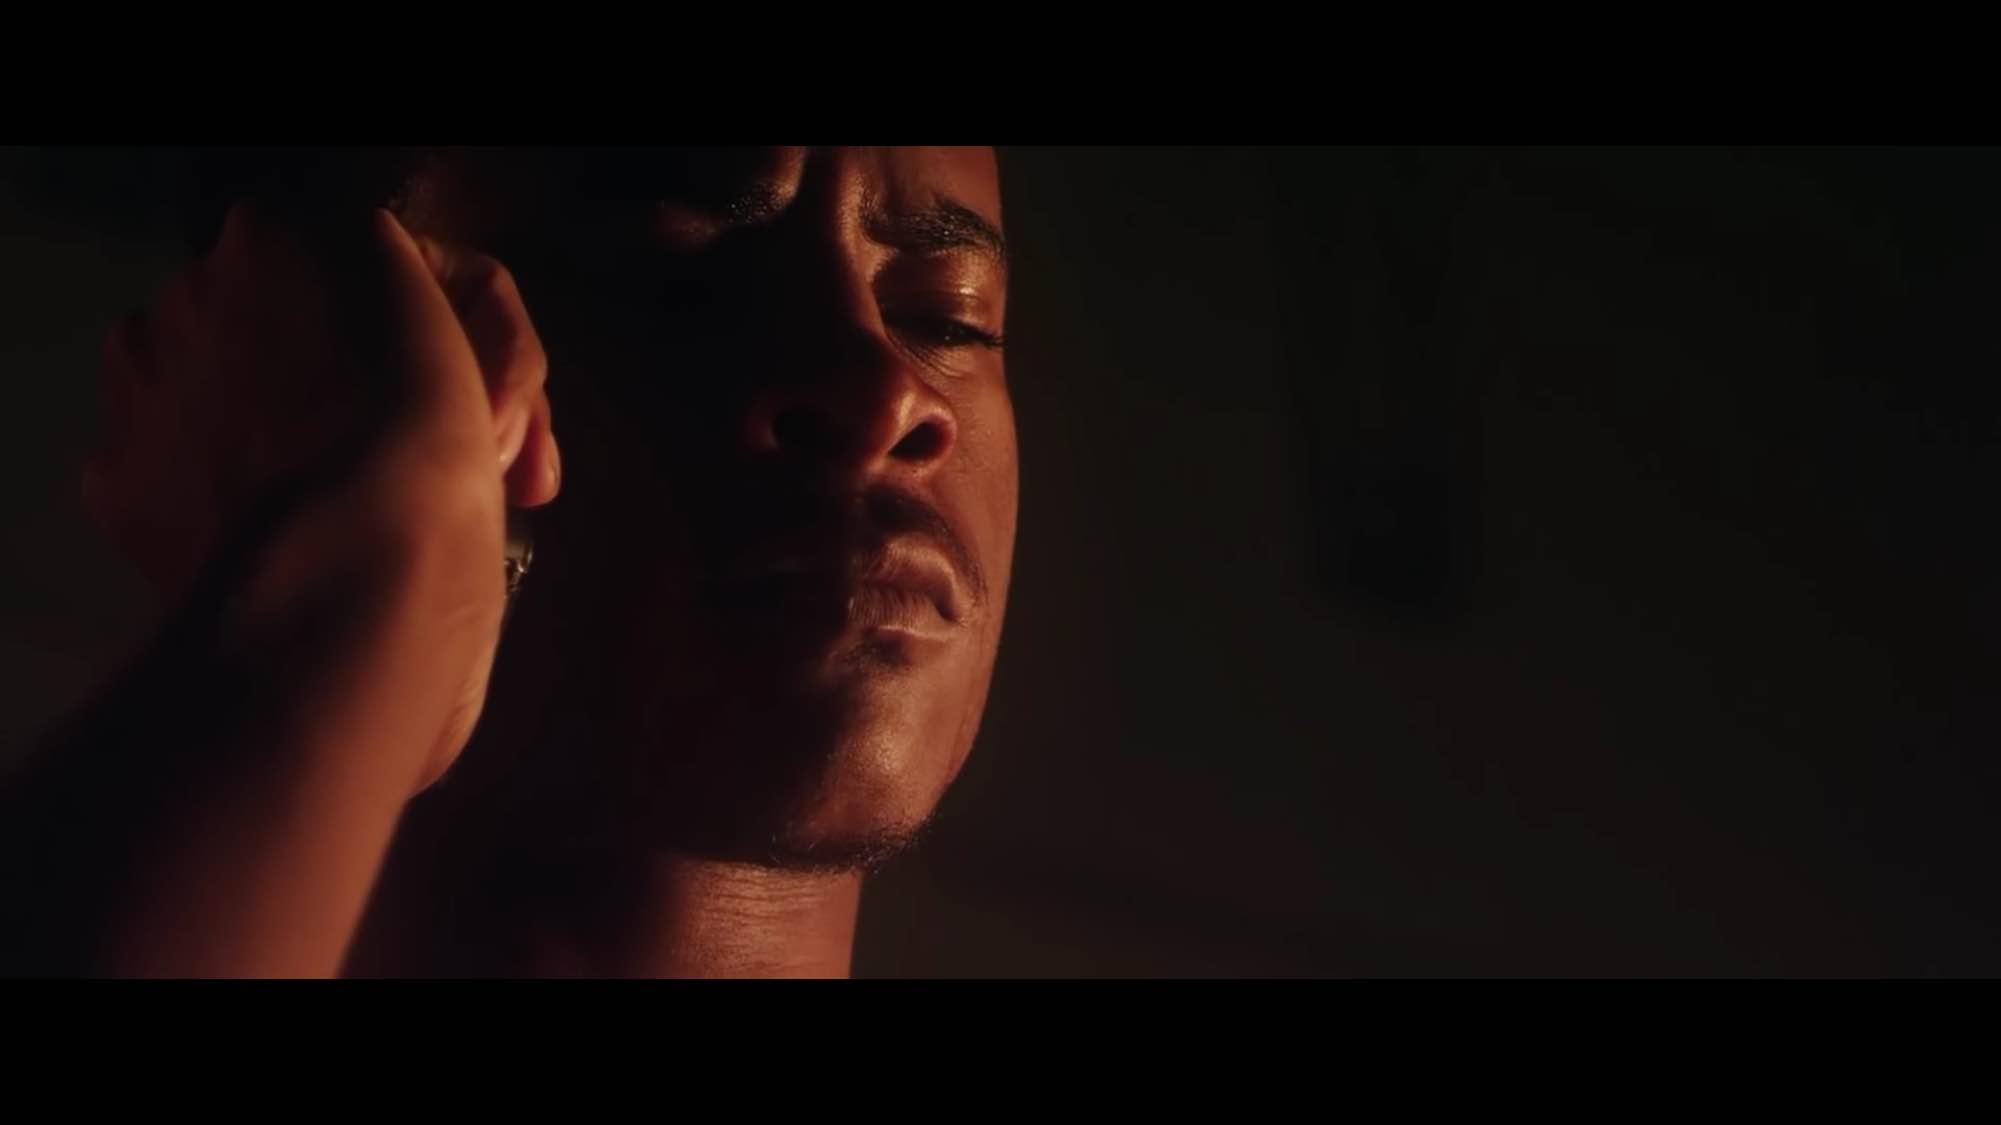 Childish Gambino - Music Video